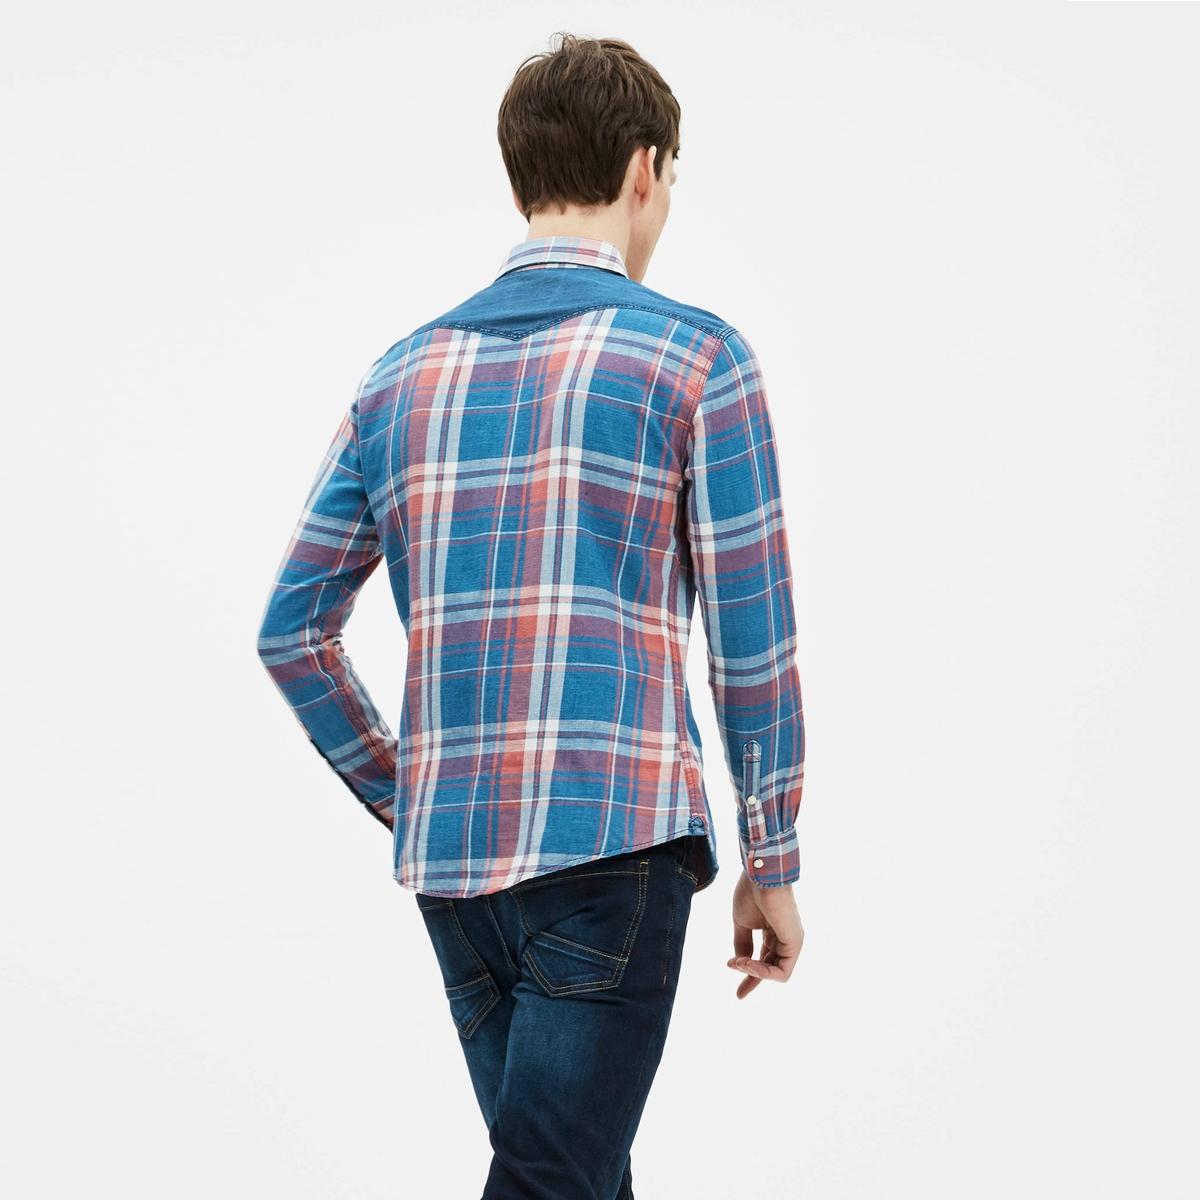 Рубашка в клетку из денима GAMIXРубашка GAMIX от CELIO® в клетку из денима. - Длинные рукава с манжетами на пуговицах - Узкий покрой (приталенный), слегка закругленный низ- Классический воротник со свободными уголками- Застежка на кнопки- Рисунок в клетку- 2 нагрудных кармана с клапаном на кнопке- Однотонные вставки на плечах, воротнике и клапанах нагрудных кармановСостав и описание :Основной материал : 100% хлопокМарка : CELIO®Уход :Машинная стирка при 40 °C Сухая (химическая) чистка запрещена Машинная сушка Отбеливание запрещеноГладить при умеренной температуре<br><br>Цвет: Синяя клетка<br>Размер: S.L.M